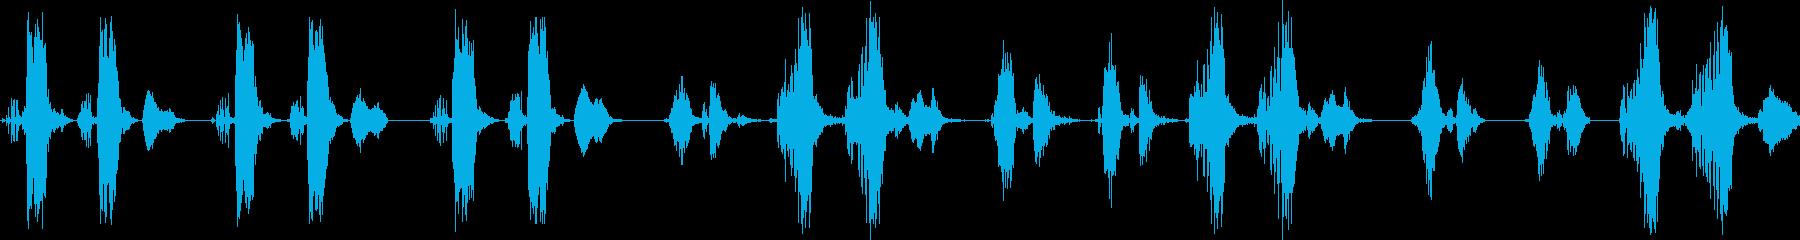 オオヨシキリのさえずり(河原で鳴く鳥)の再生済みの波形